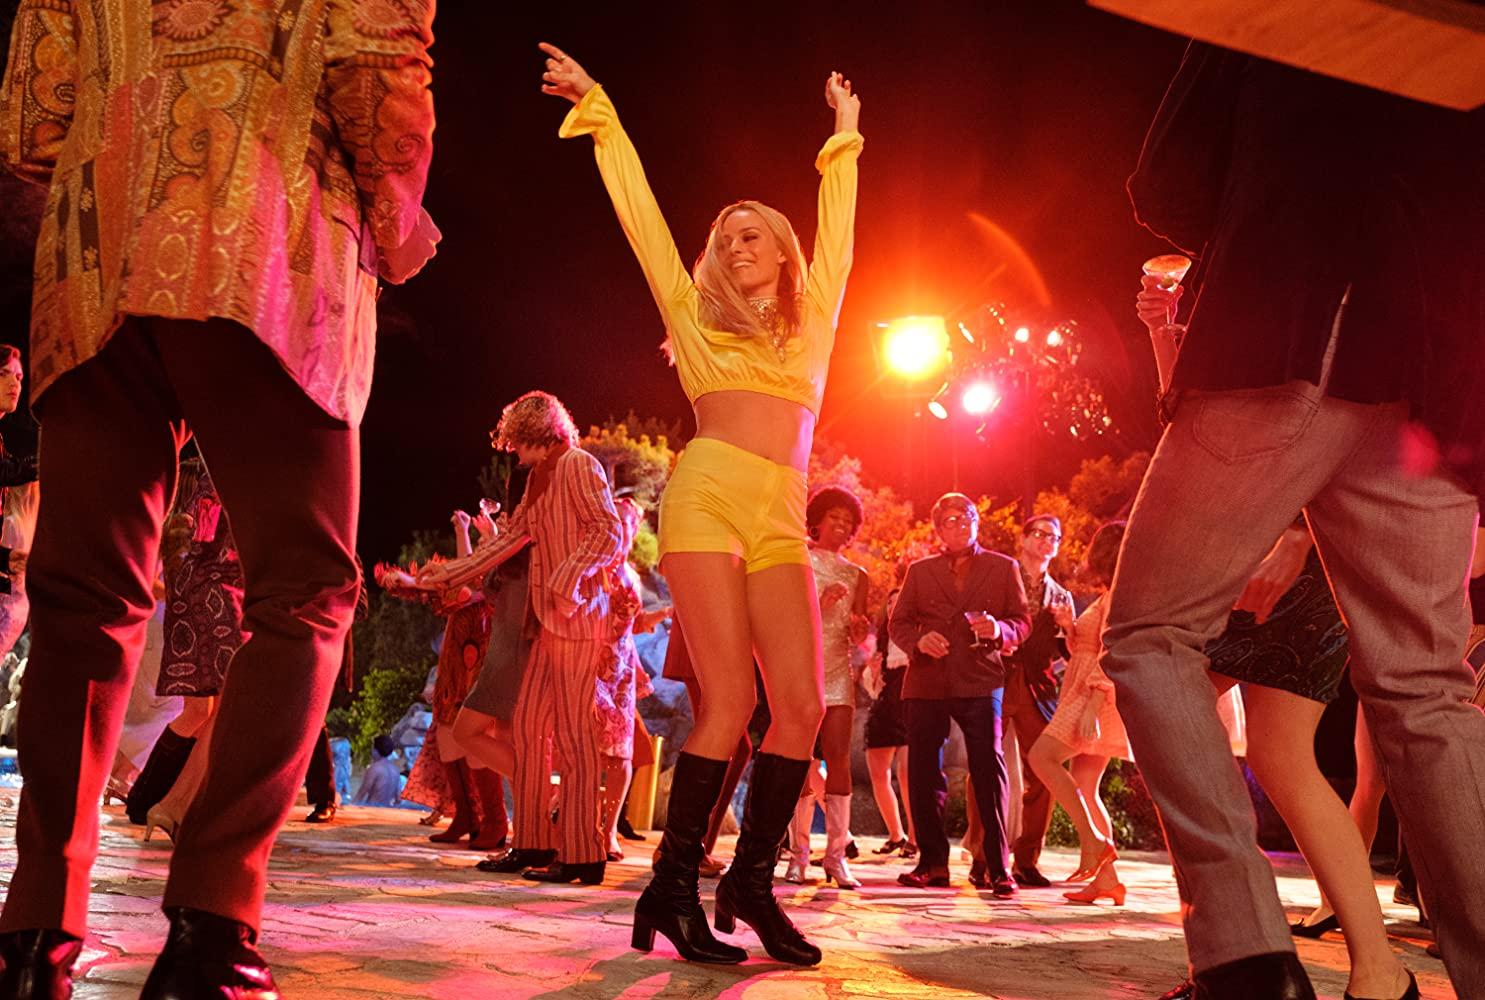 thời trang trong phim once upon a time in hollywood margot robbie bộ áo tay dài quần shorts vàng